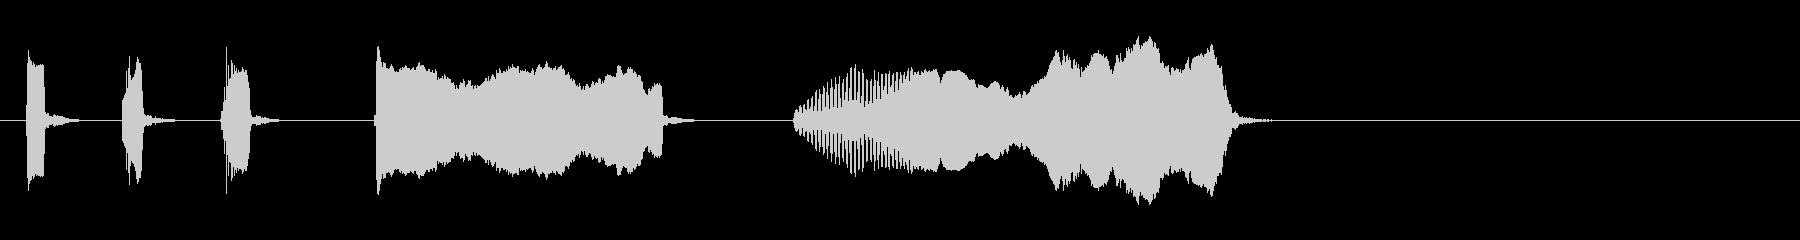 金管楽器の口の平和の発声の未再生の波形